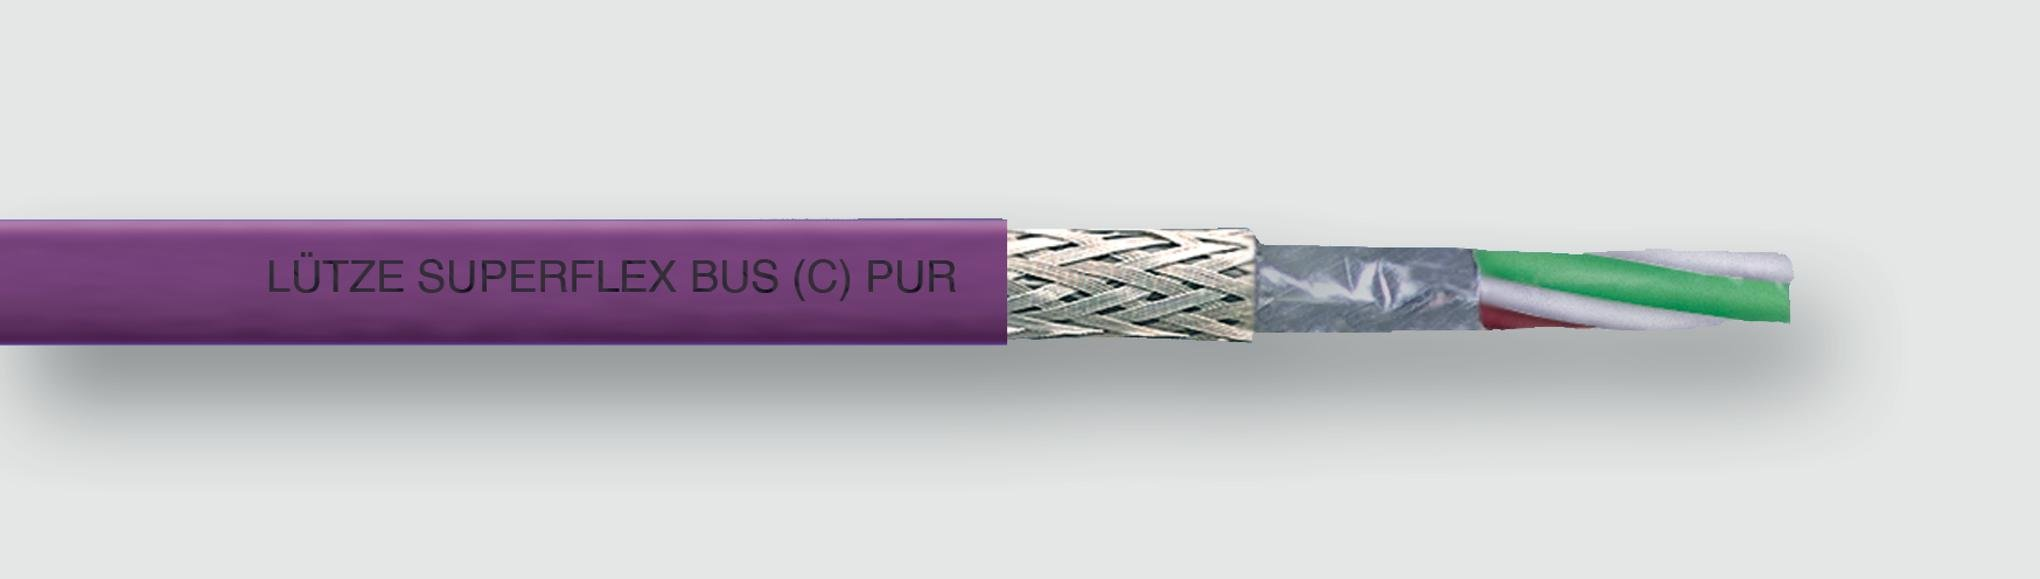 SUPERFLEX® Profibus (C) PUR